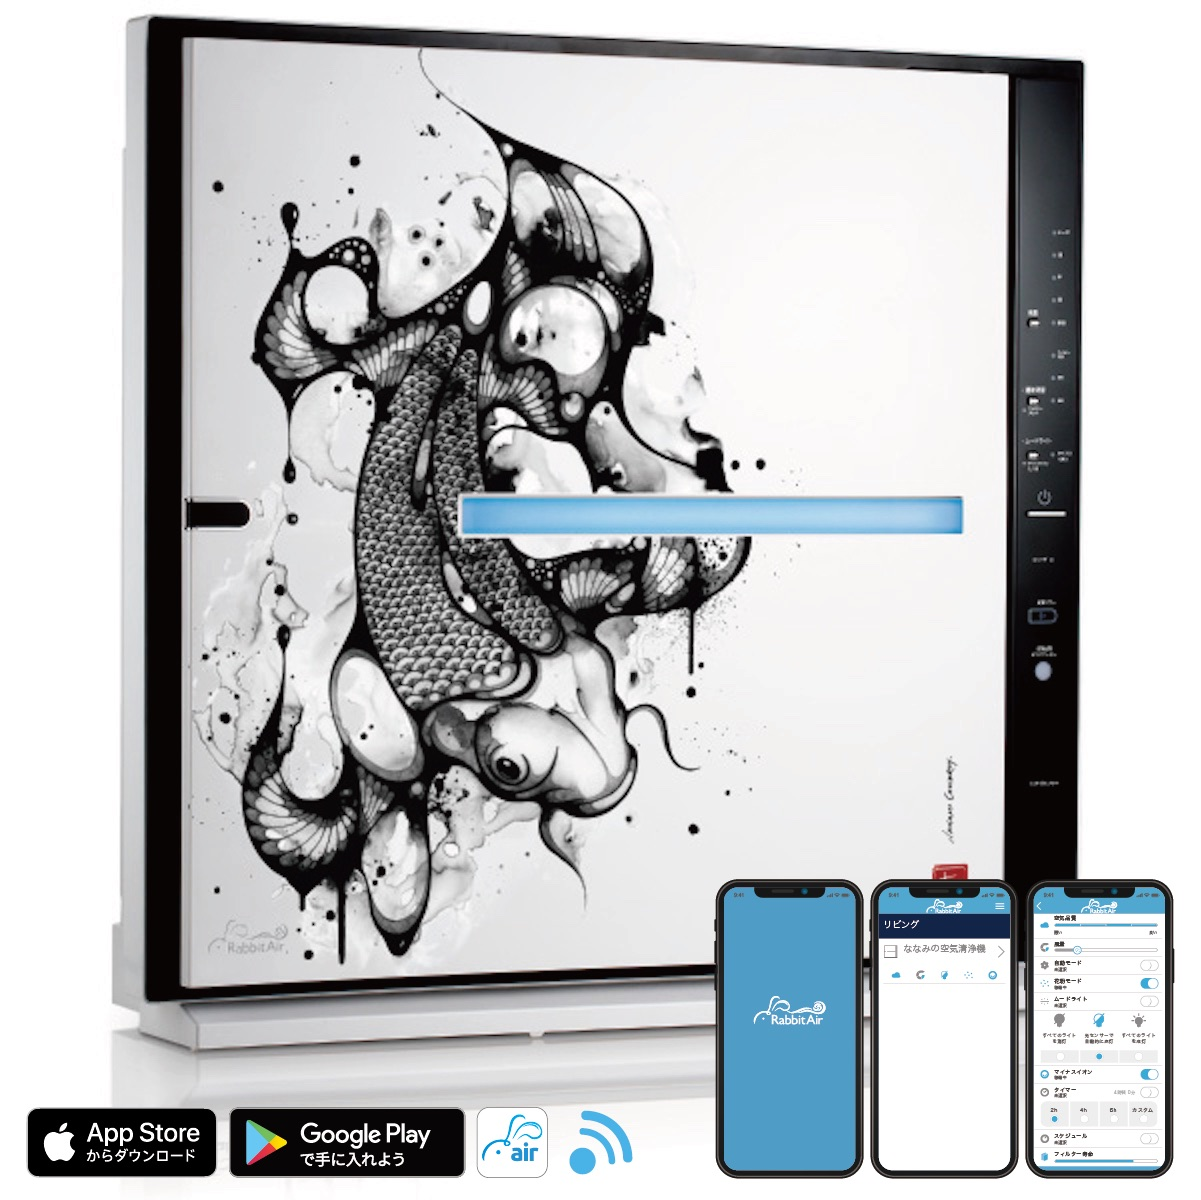 空気清浄機: Rabbit Air MinusA2 アーティストシリーズ (サスペンデッド・アニメーション)Wi-Fiモデル